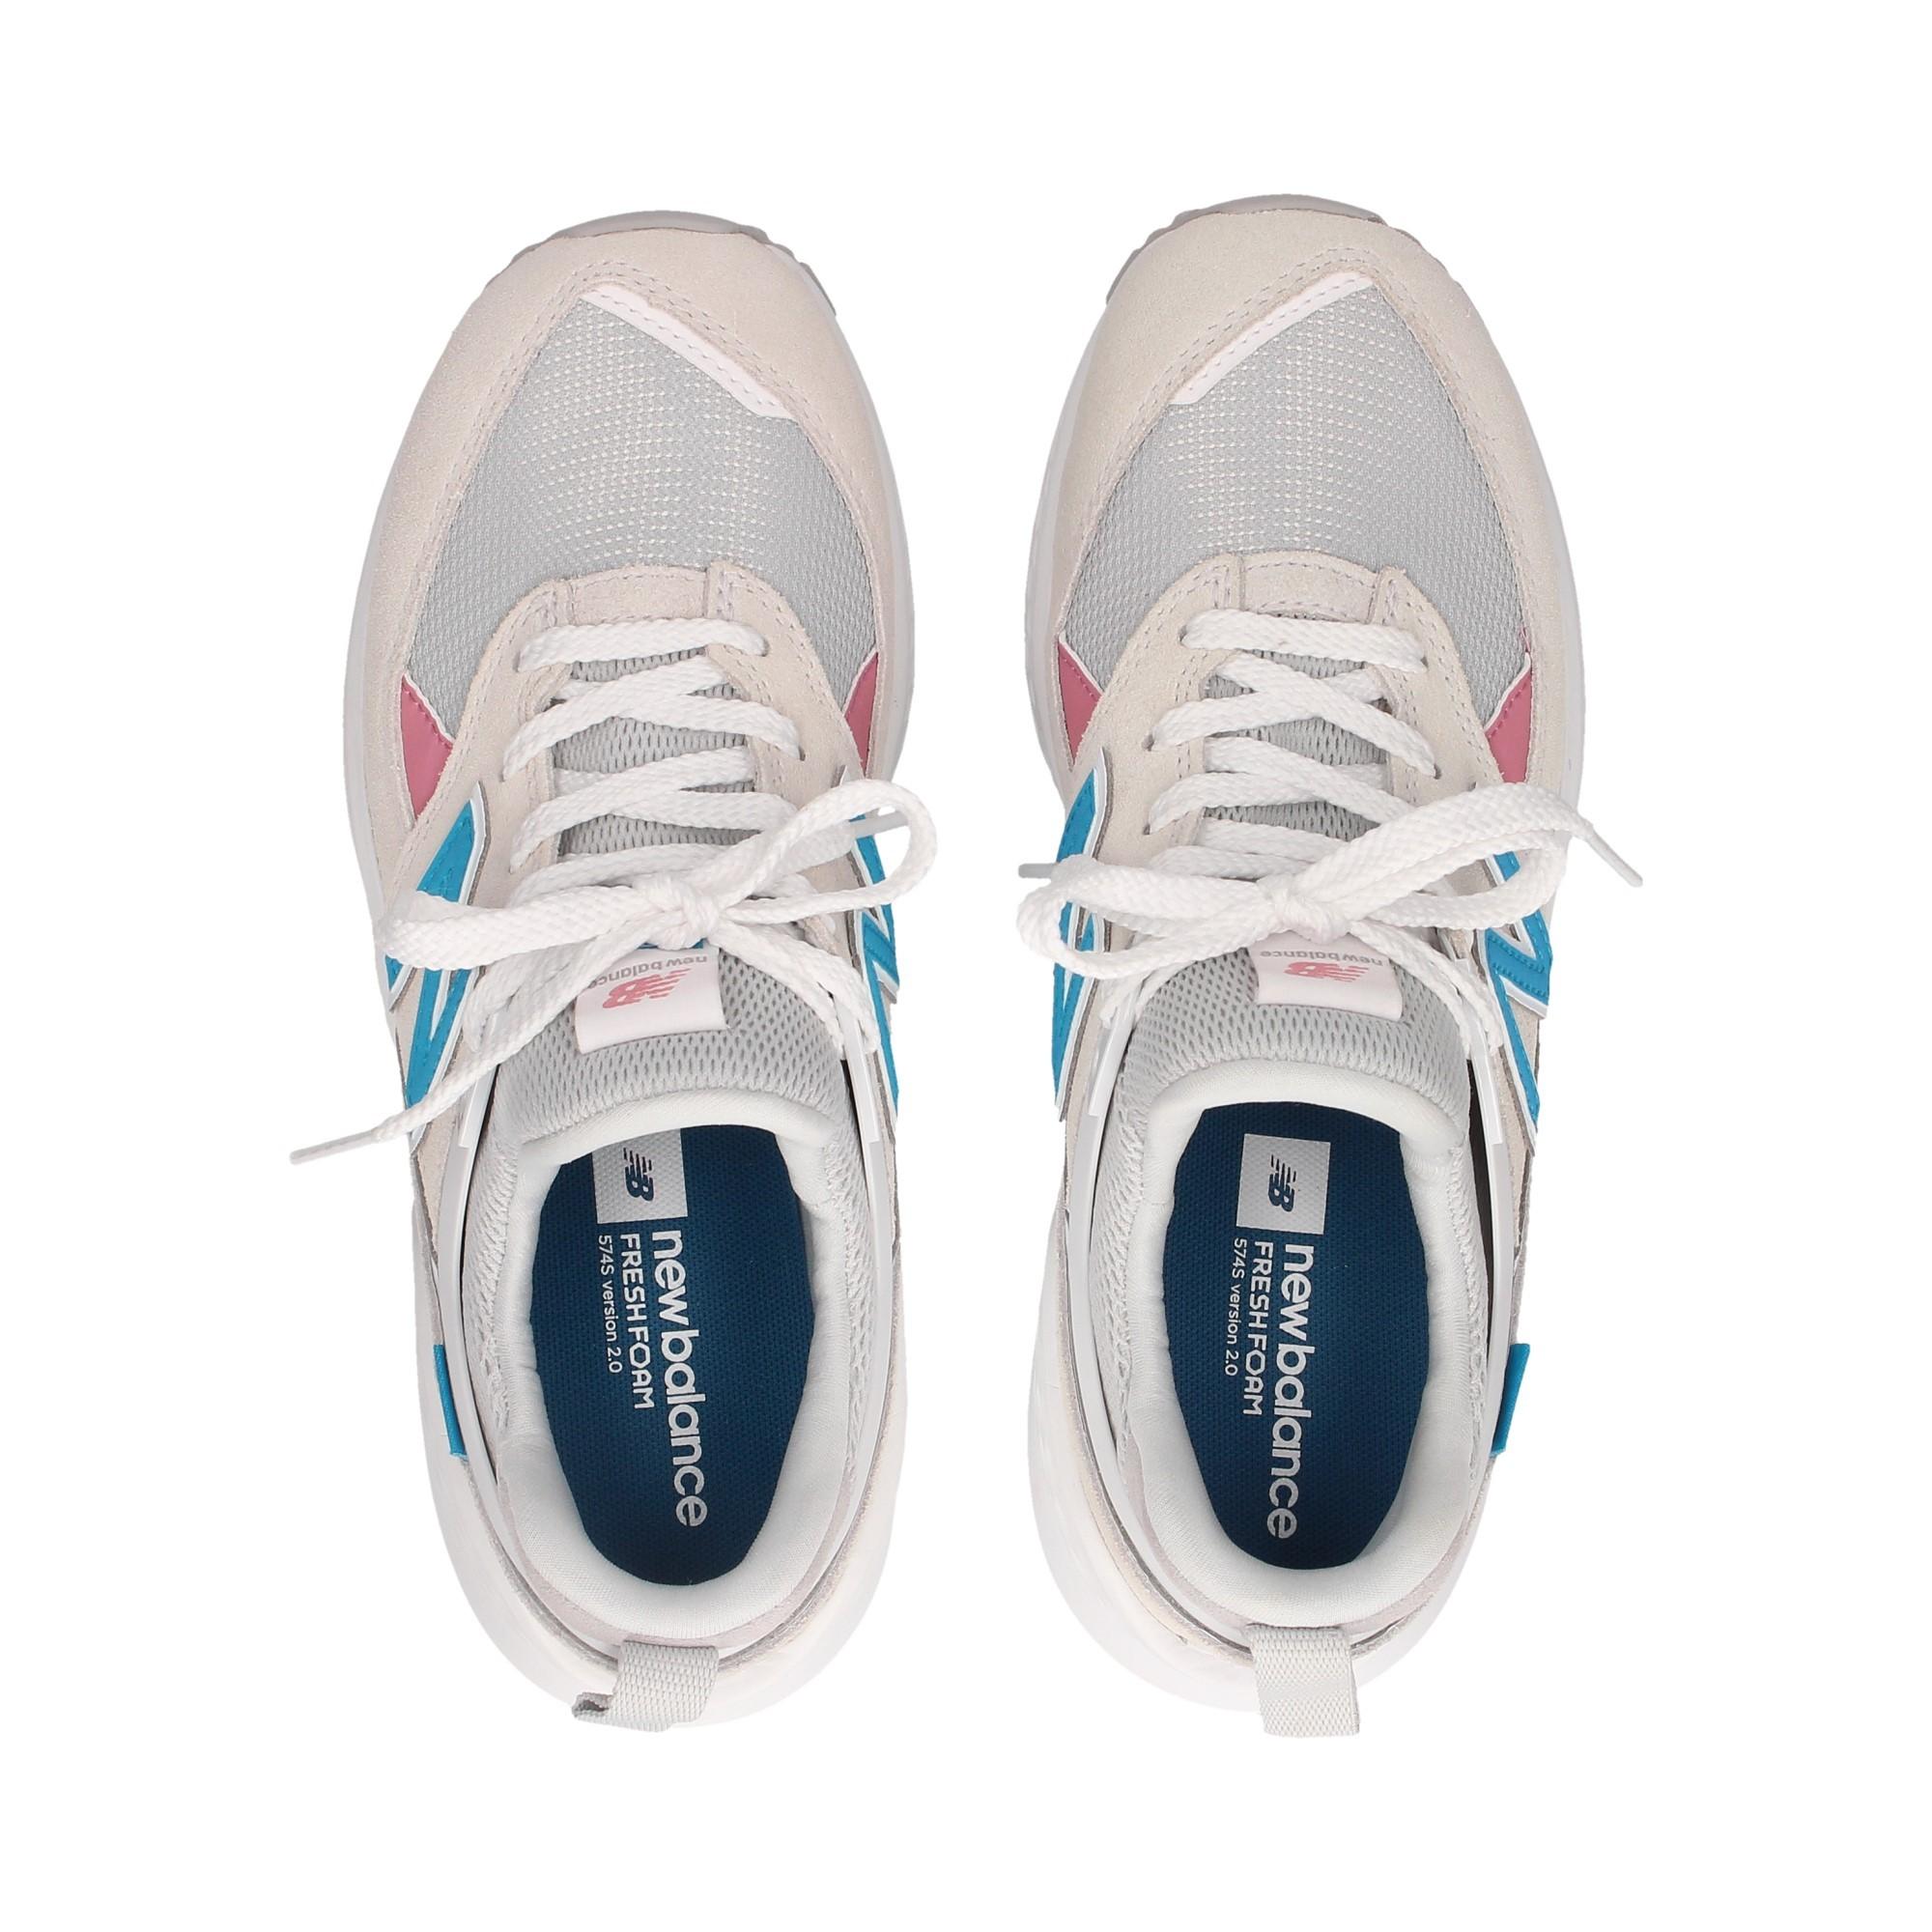 deportivo-malla-gris-ante-blanco-azul